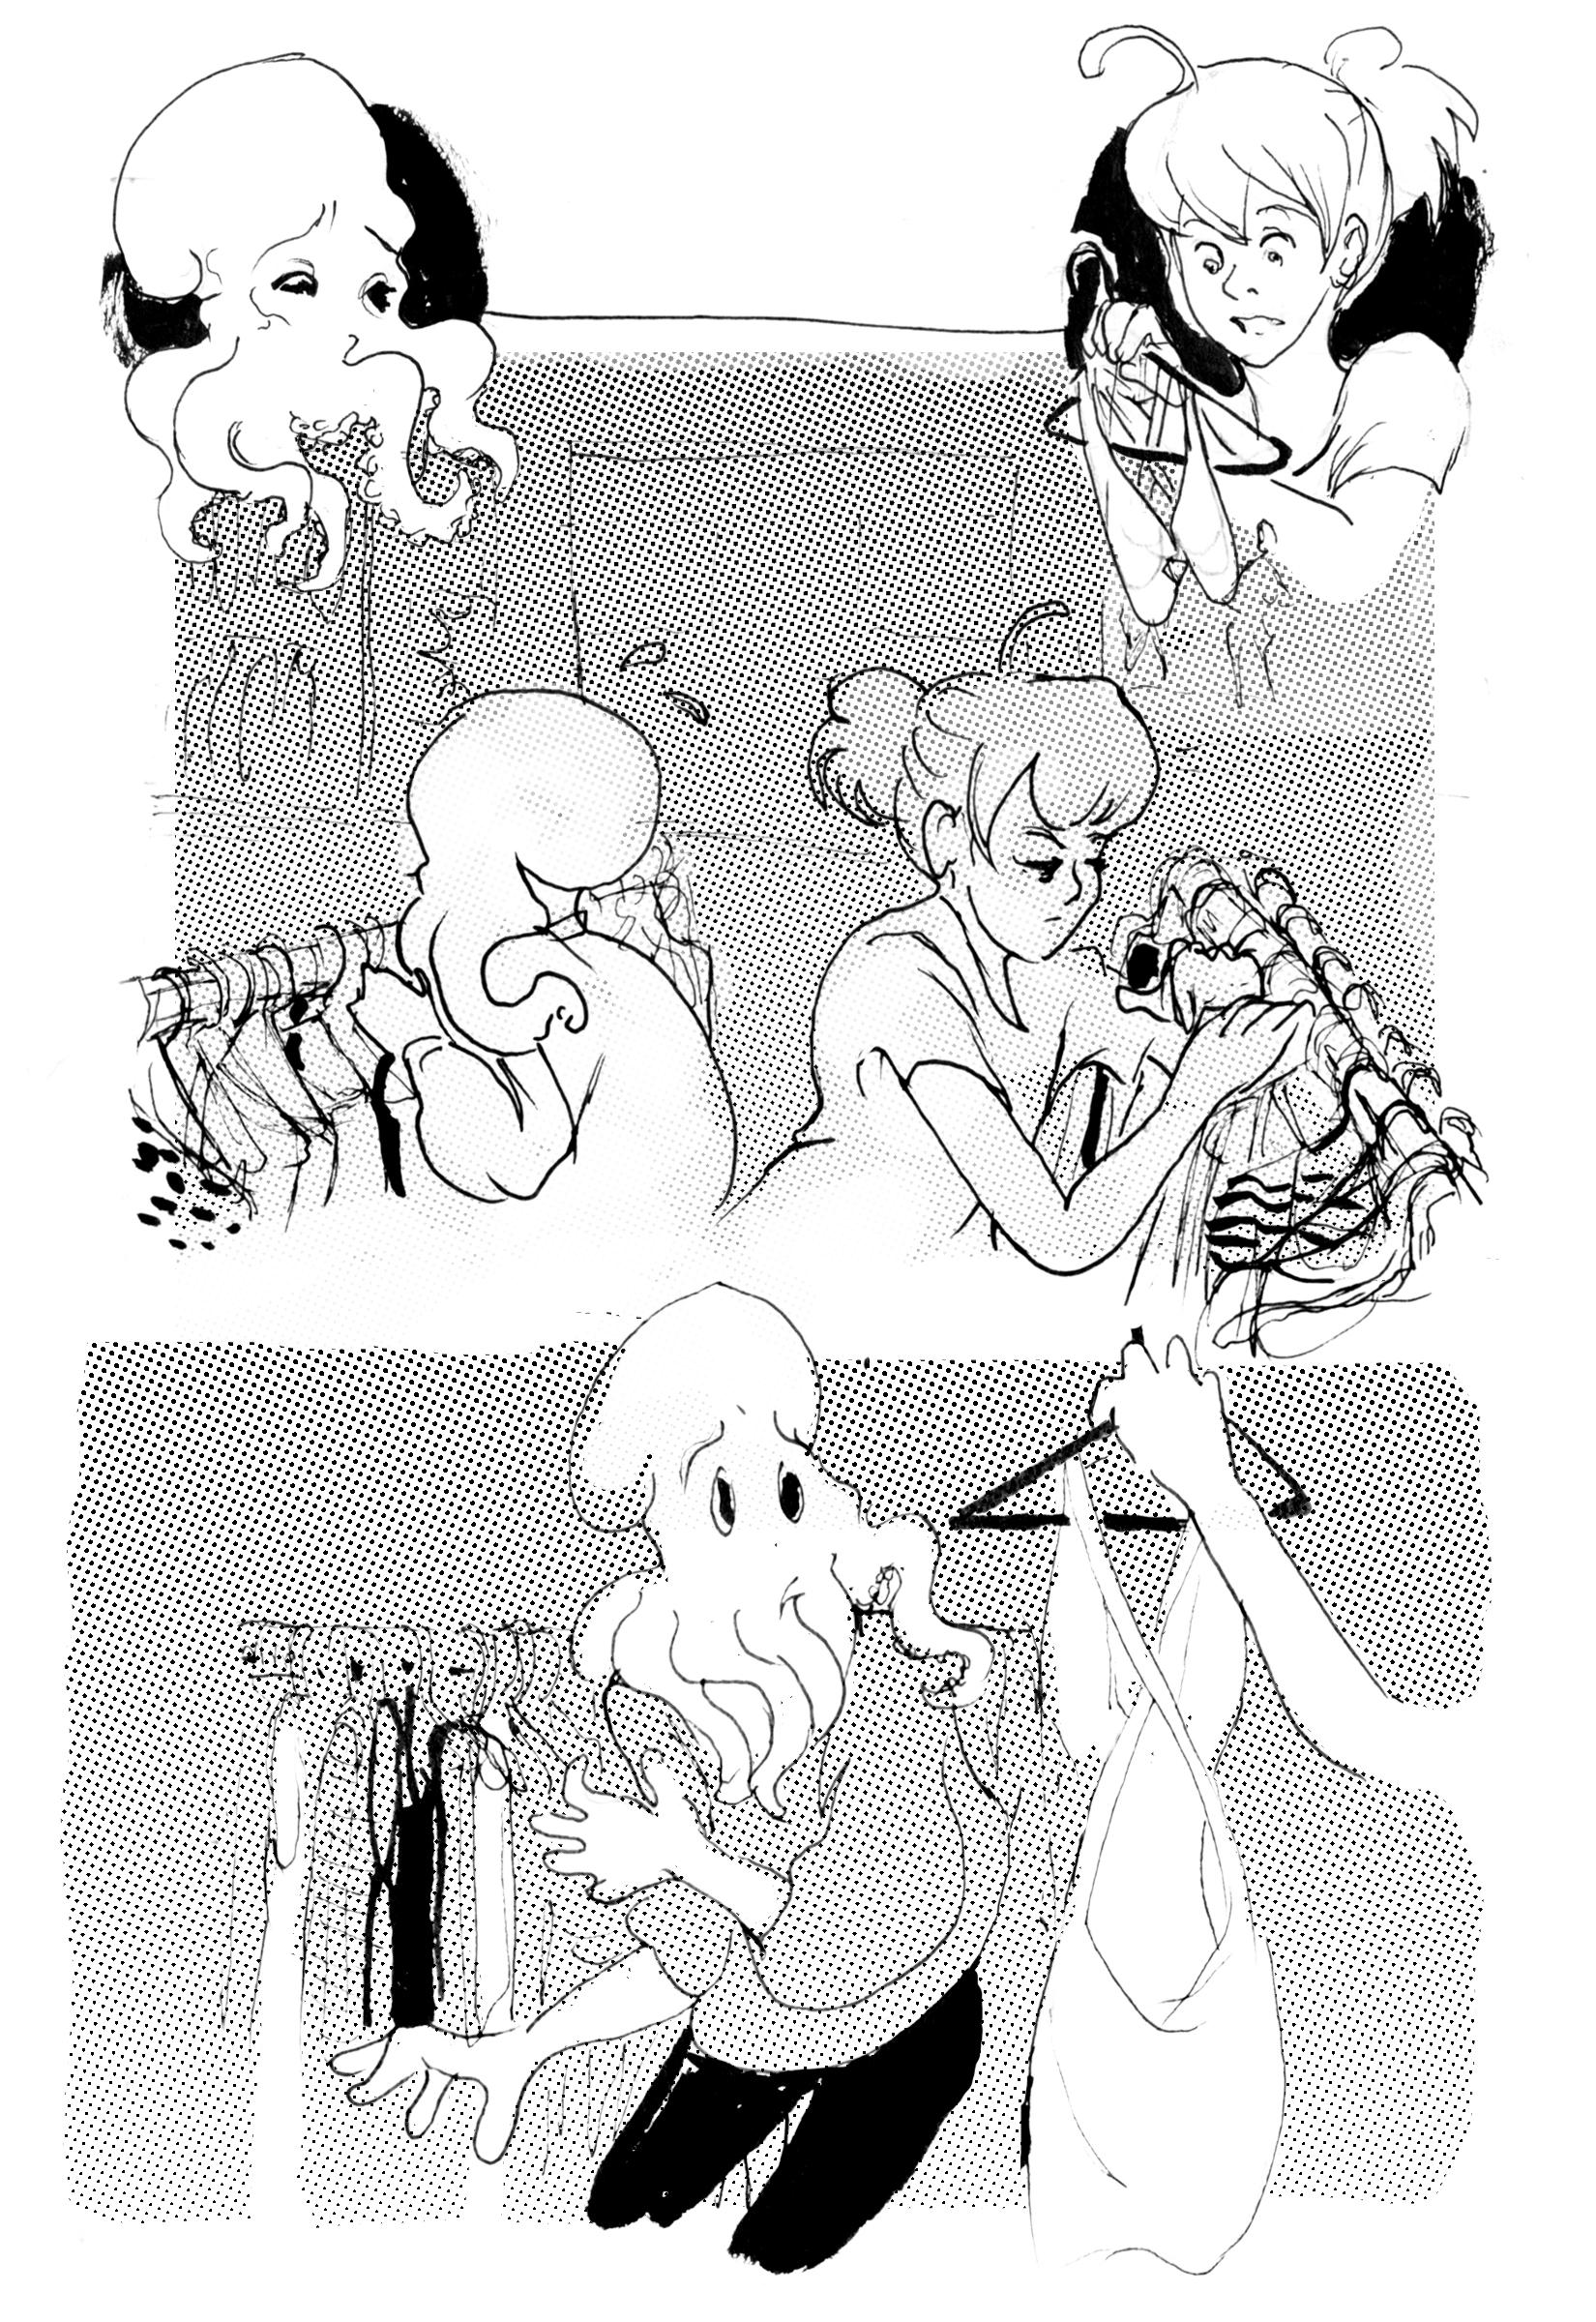 og ass 1 pg 1.jpg